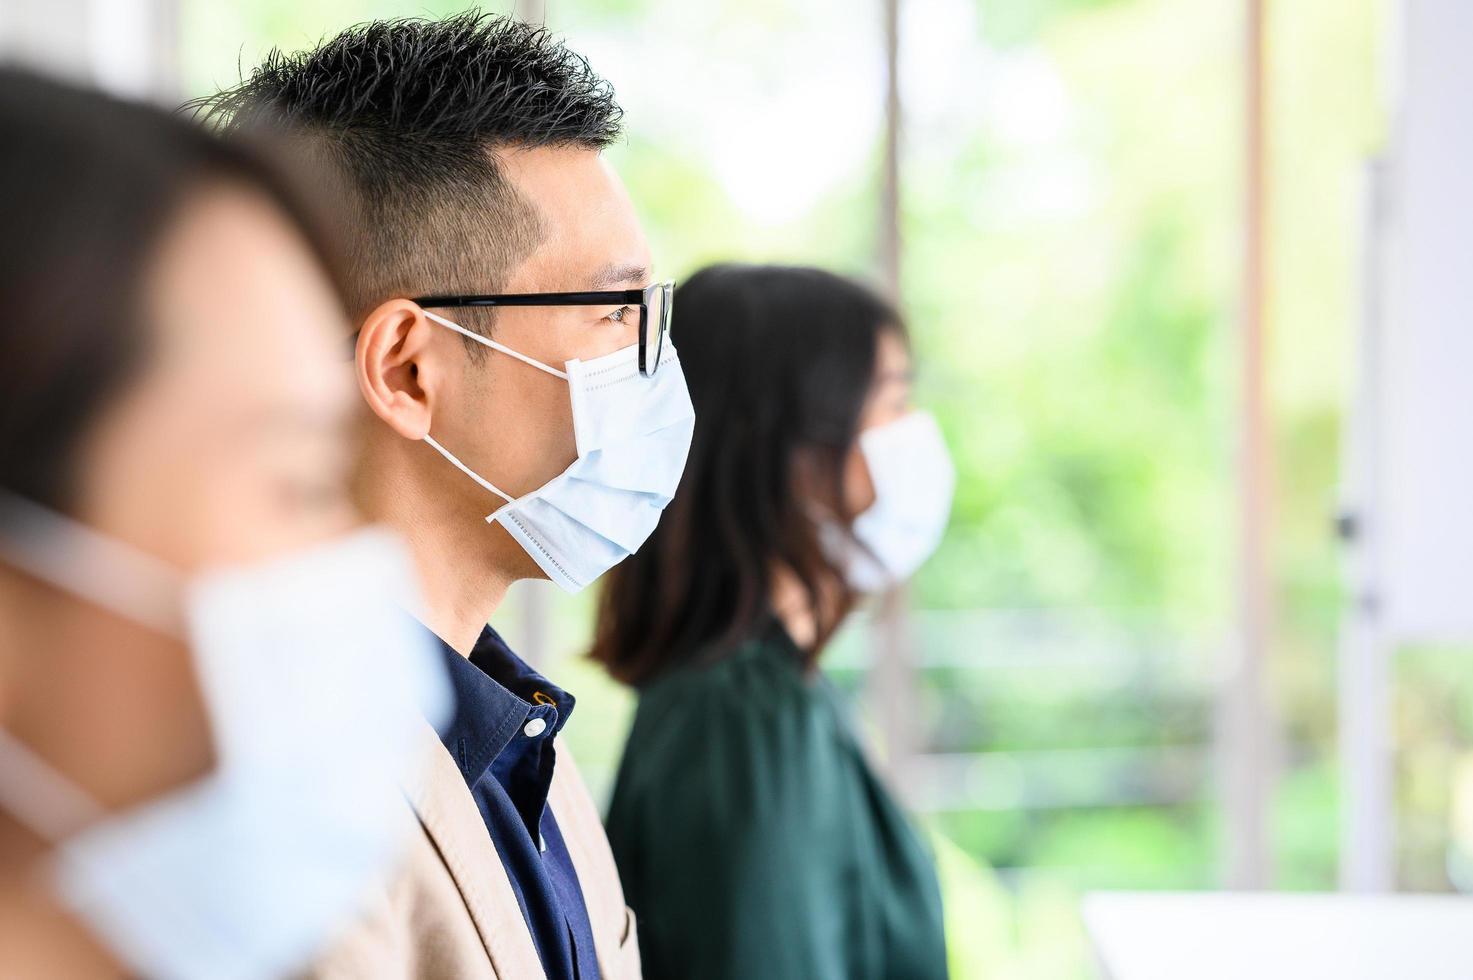 Gruppe von asiatischen Menschen, die aus Sicherheitsgründen Gesichtsmasken tragen foto